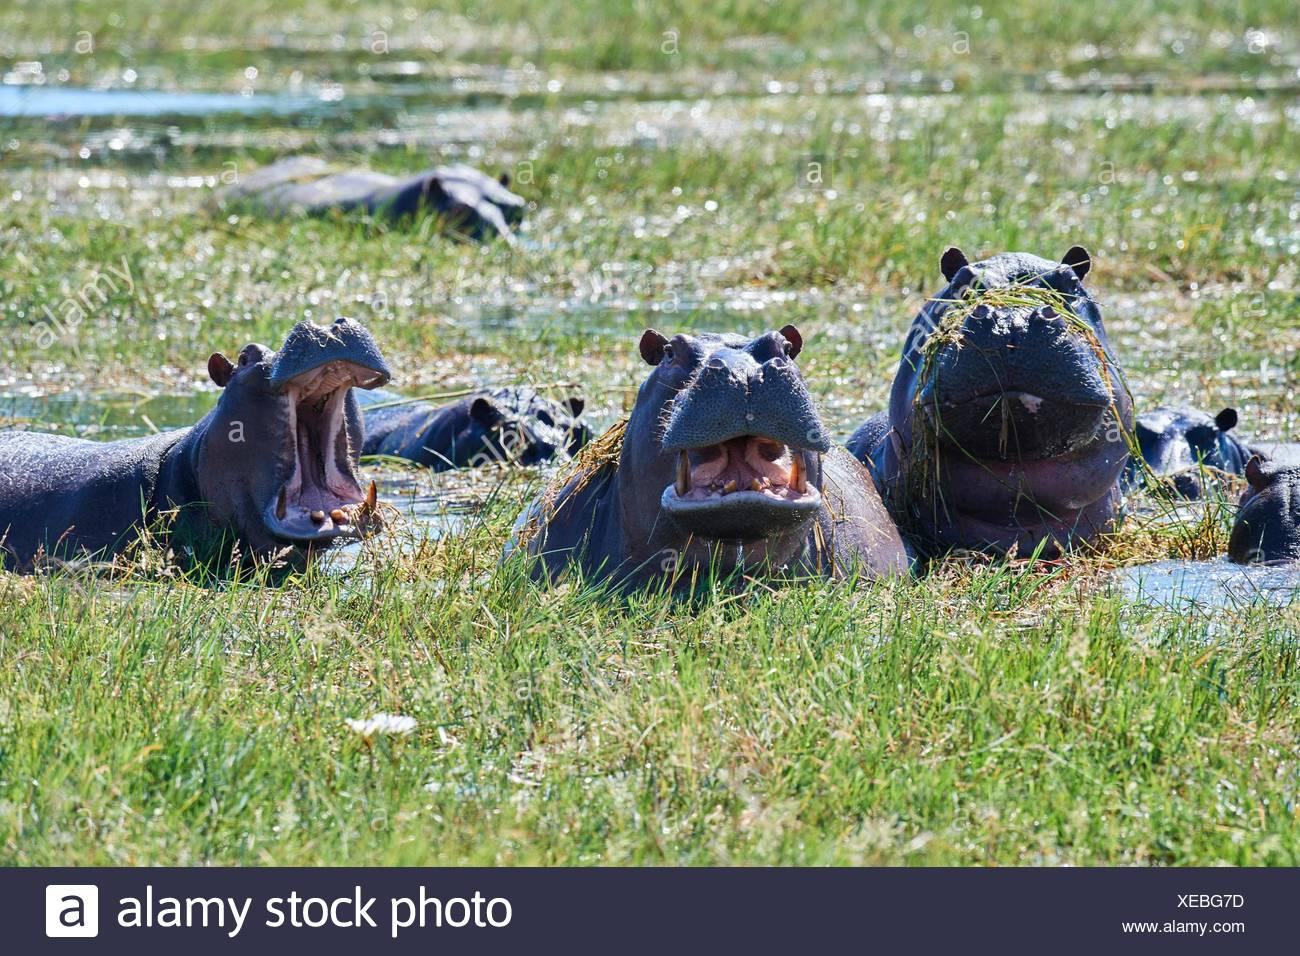 Hippopotame (Hippopotamus amphibius) Echelle et bâillements. Le Parc National de Moremi, Okavango delta, Botswana, Afrique du Sud. Banque D'Images